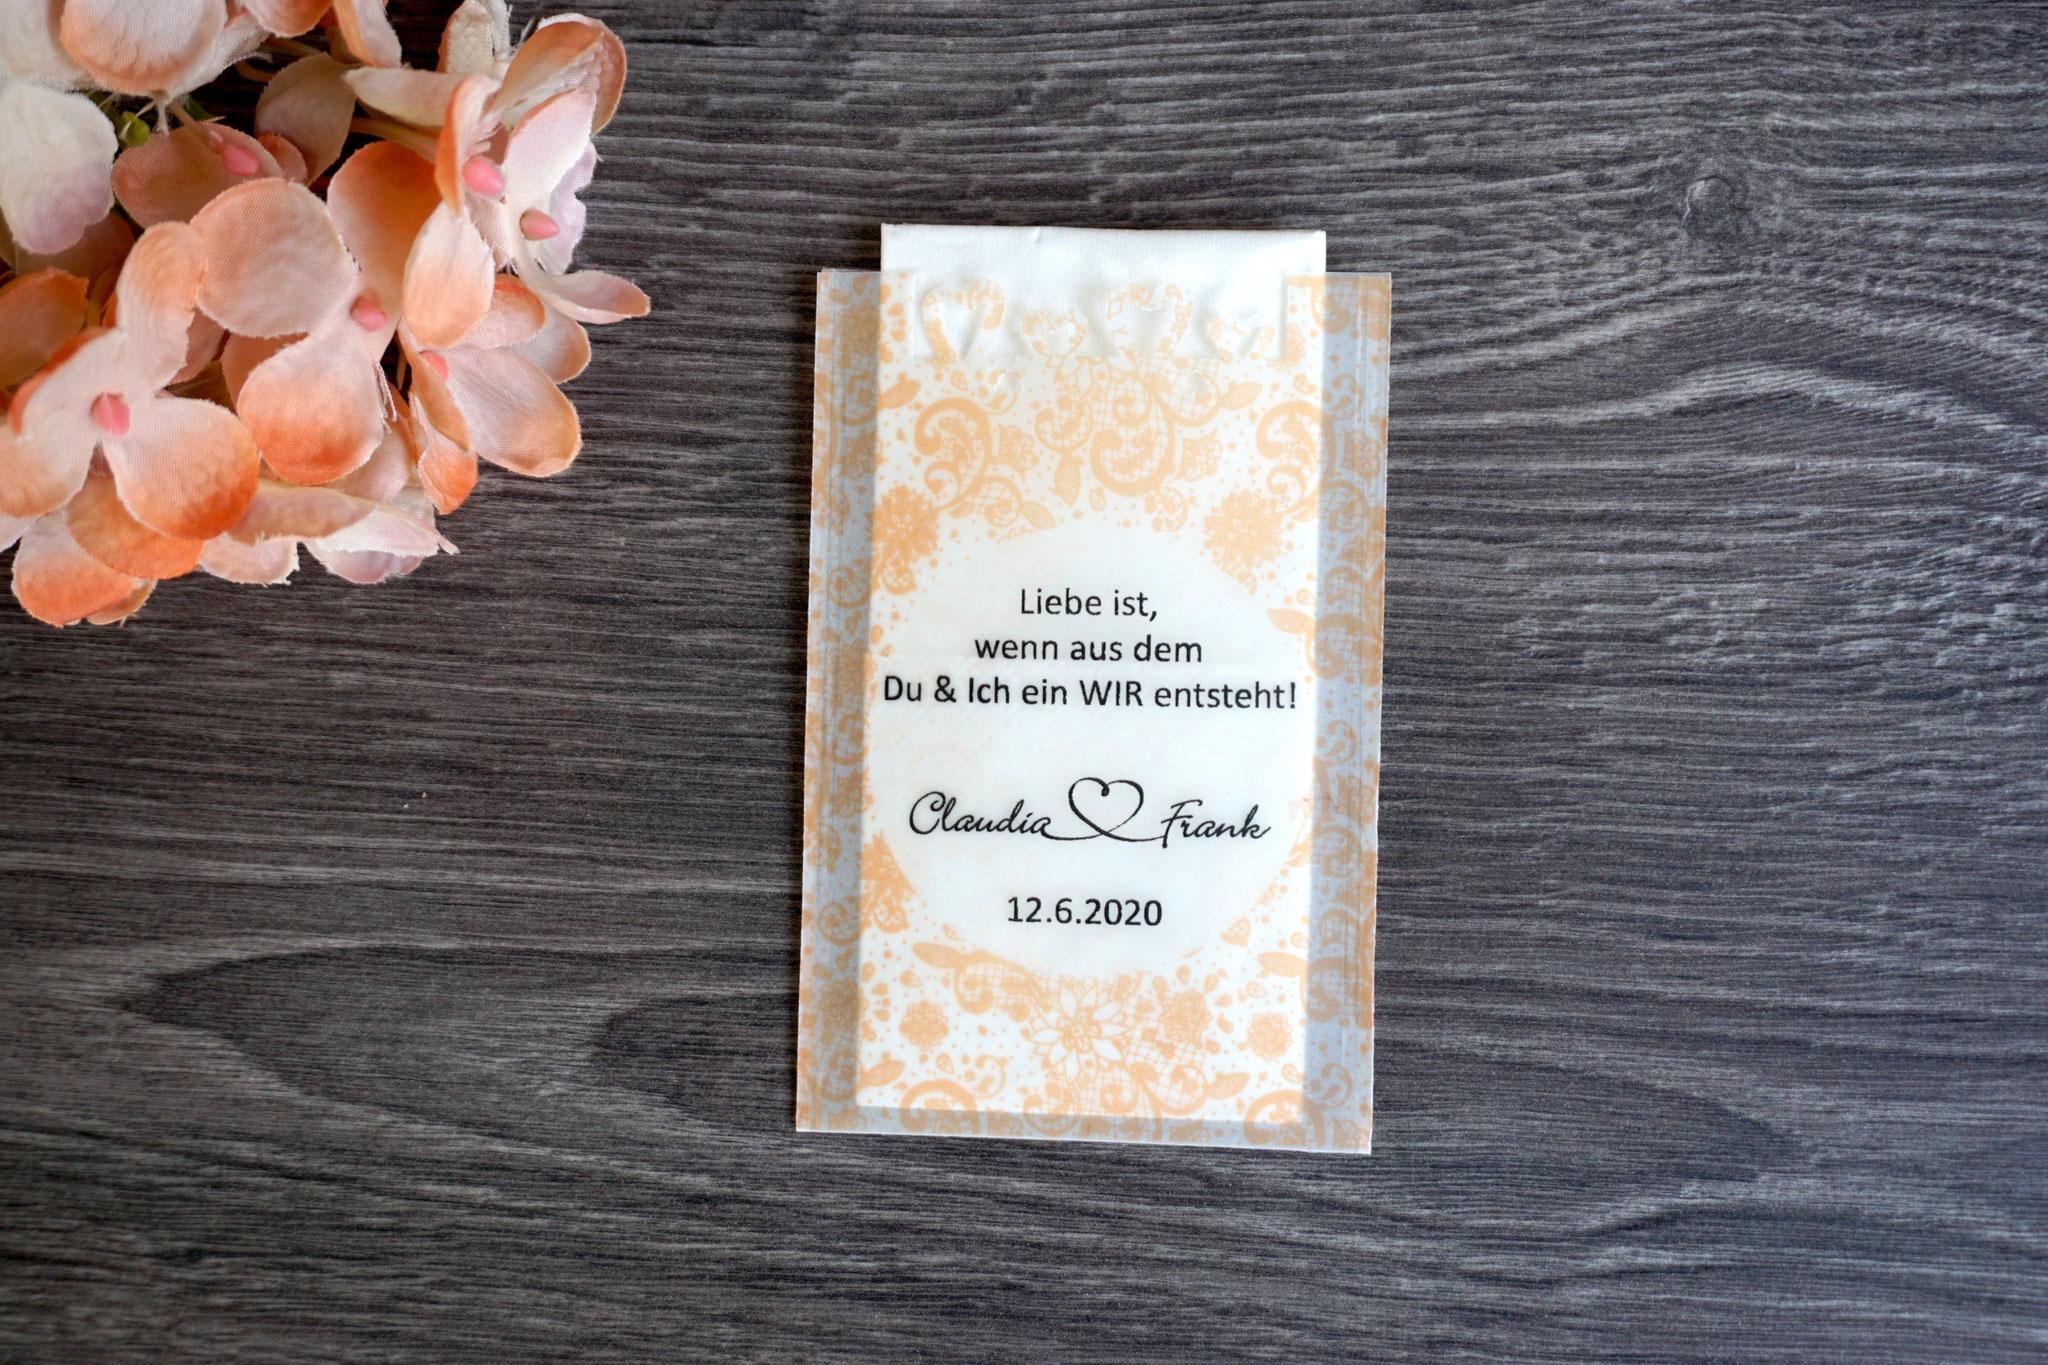 Freudentränen Taschentücher Design Spitze Vintage, Farbe Apricot, mit Herzrand